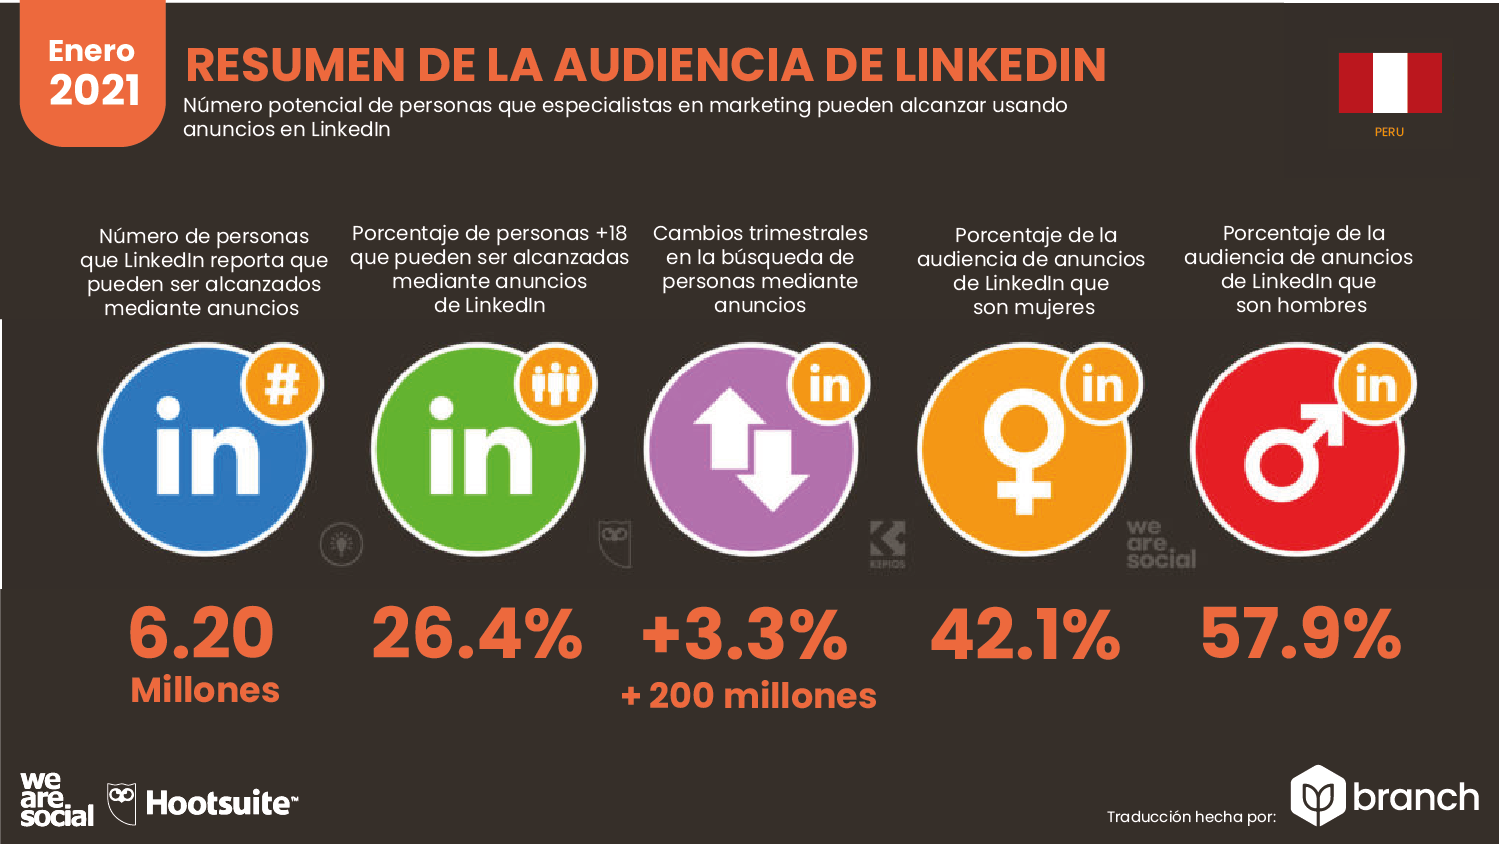 audiencia-de-LinkedIn-en-peru-2020-2021